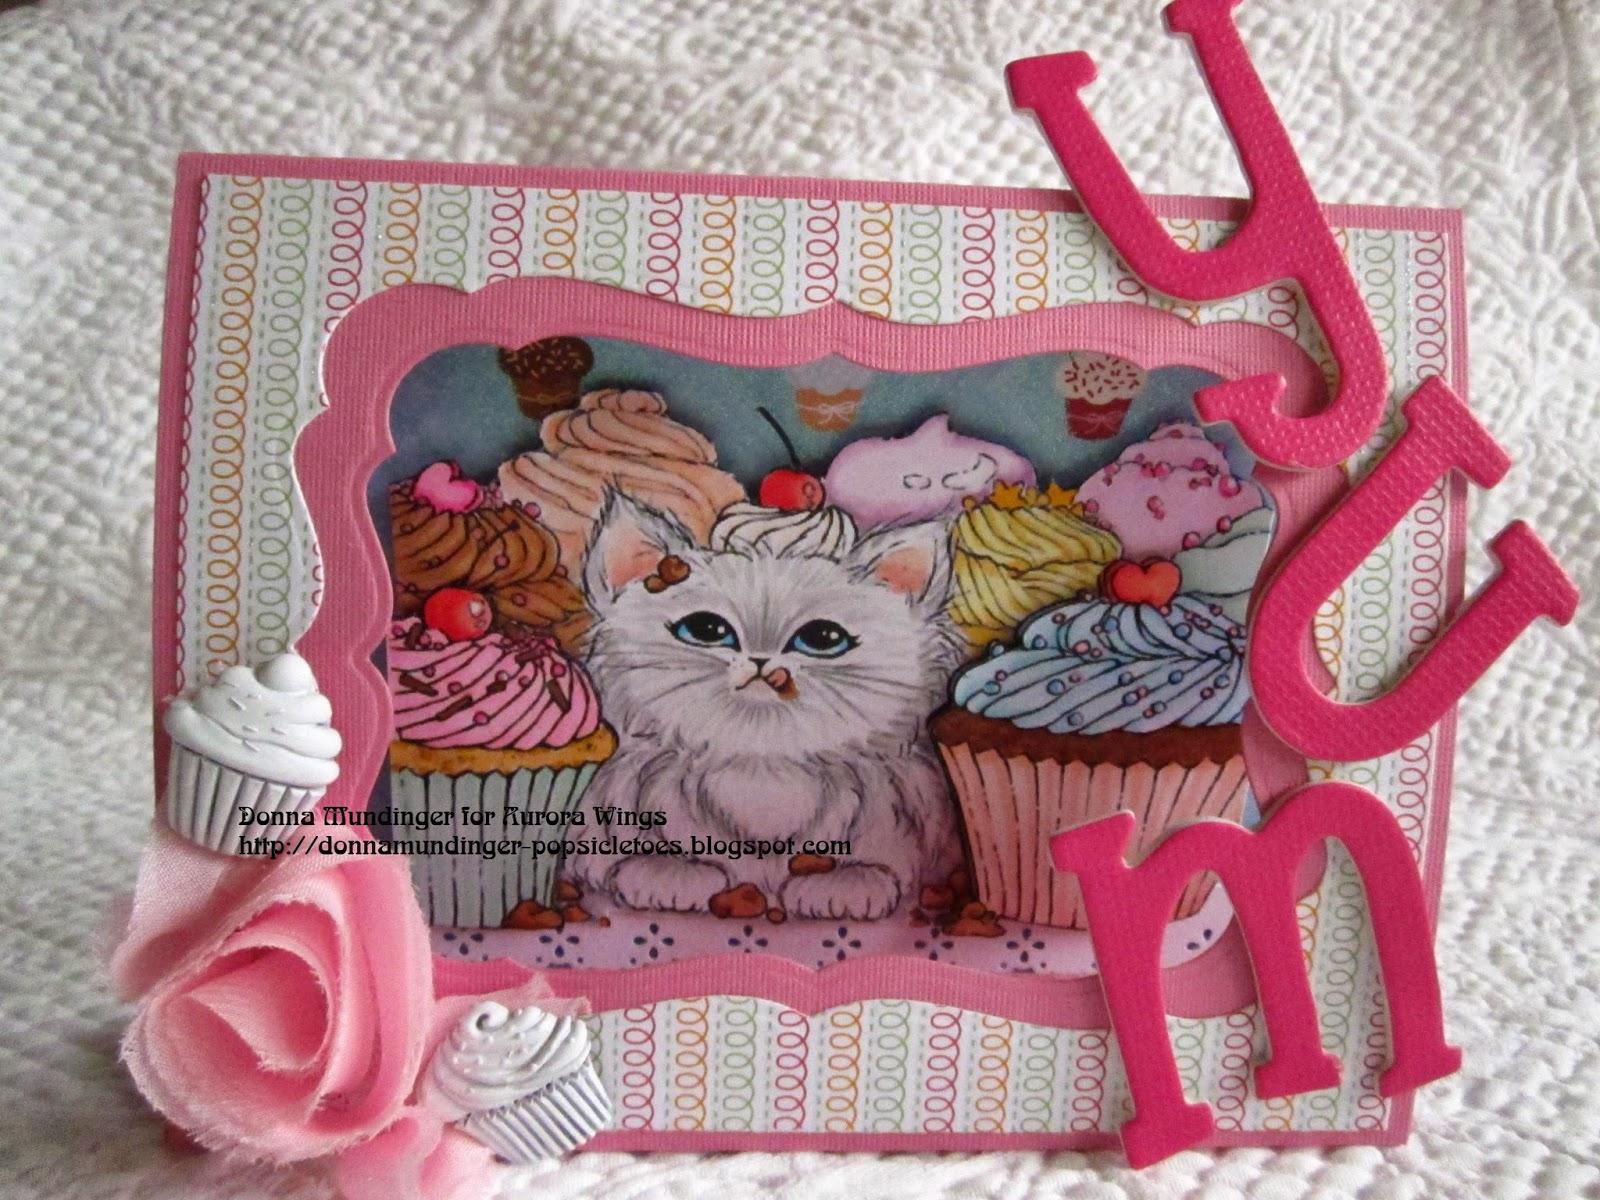 http://2.bp.blogspot.com/-upf2sxkAKBQ/VQXW00XdyCI/AAAAAAAAPqM/juezle3OcDo/s1600/Cupcake%2BKitten.jpg